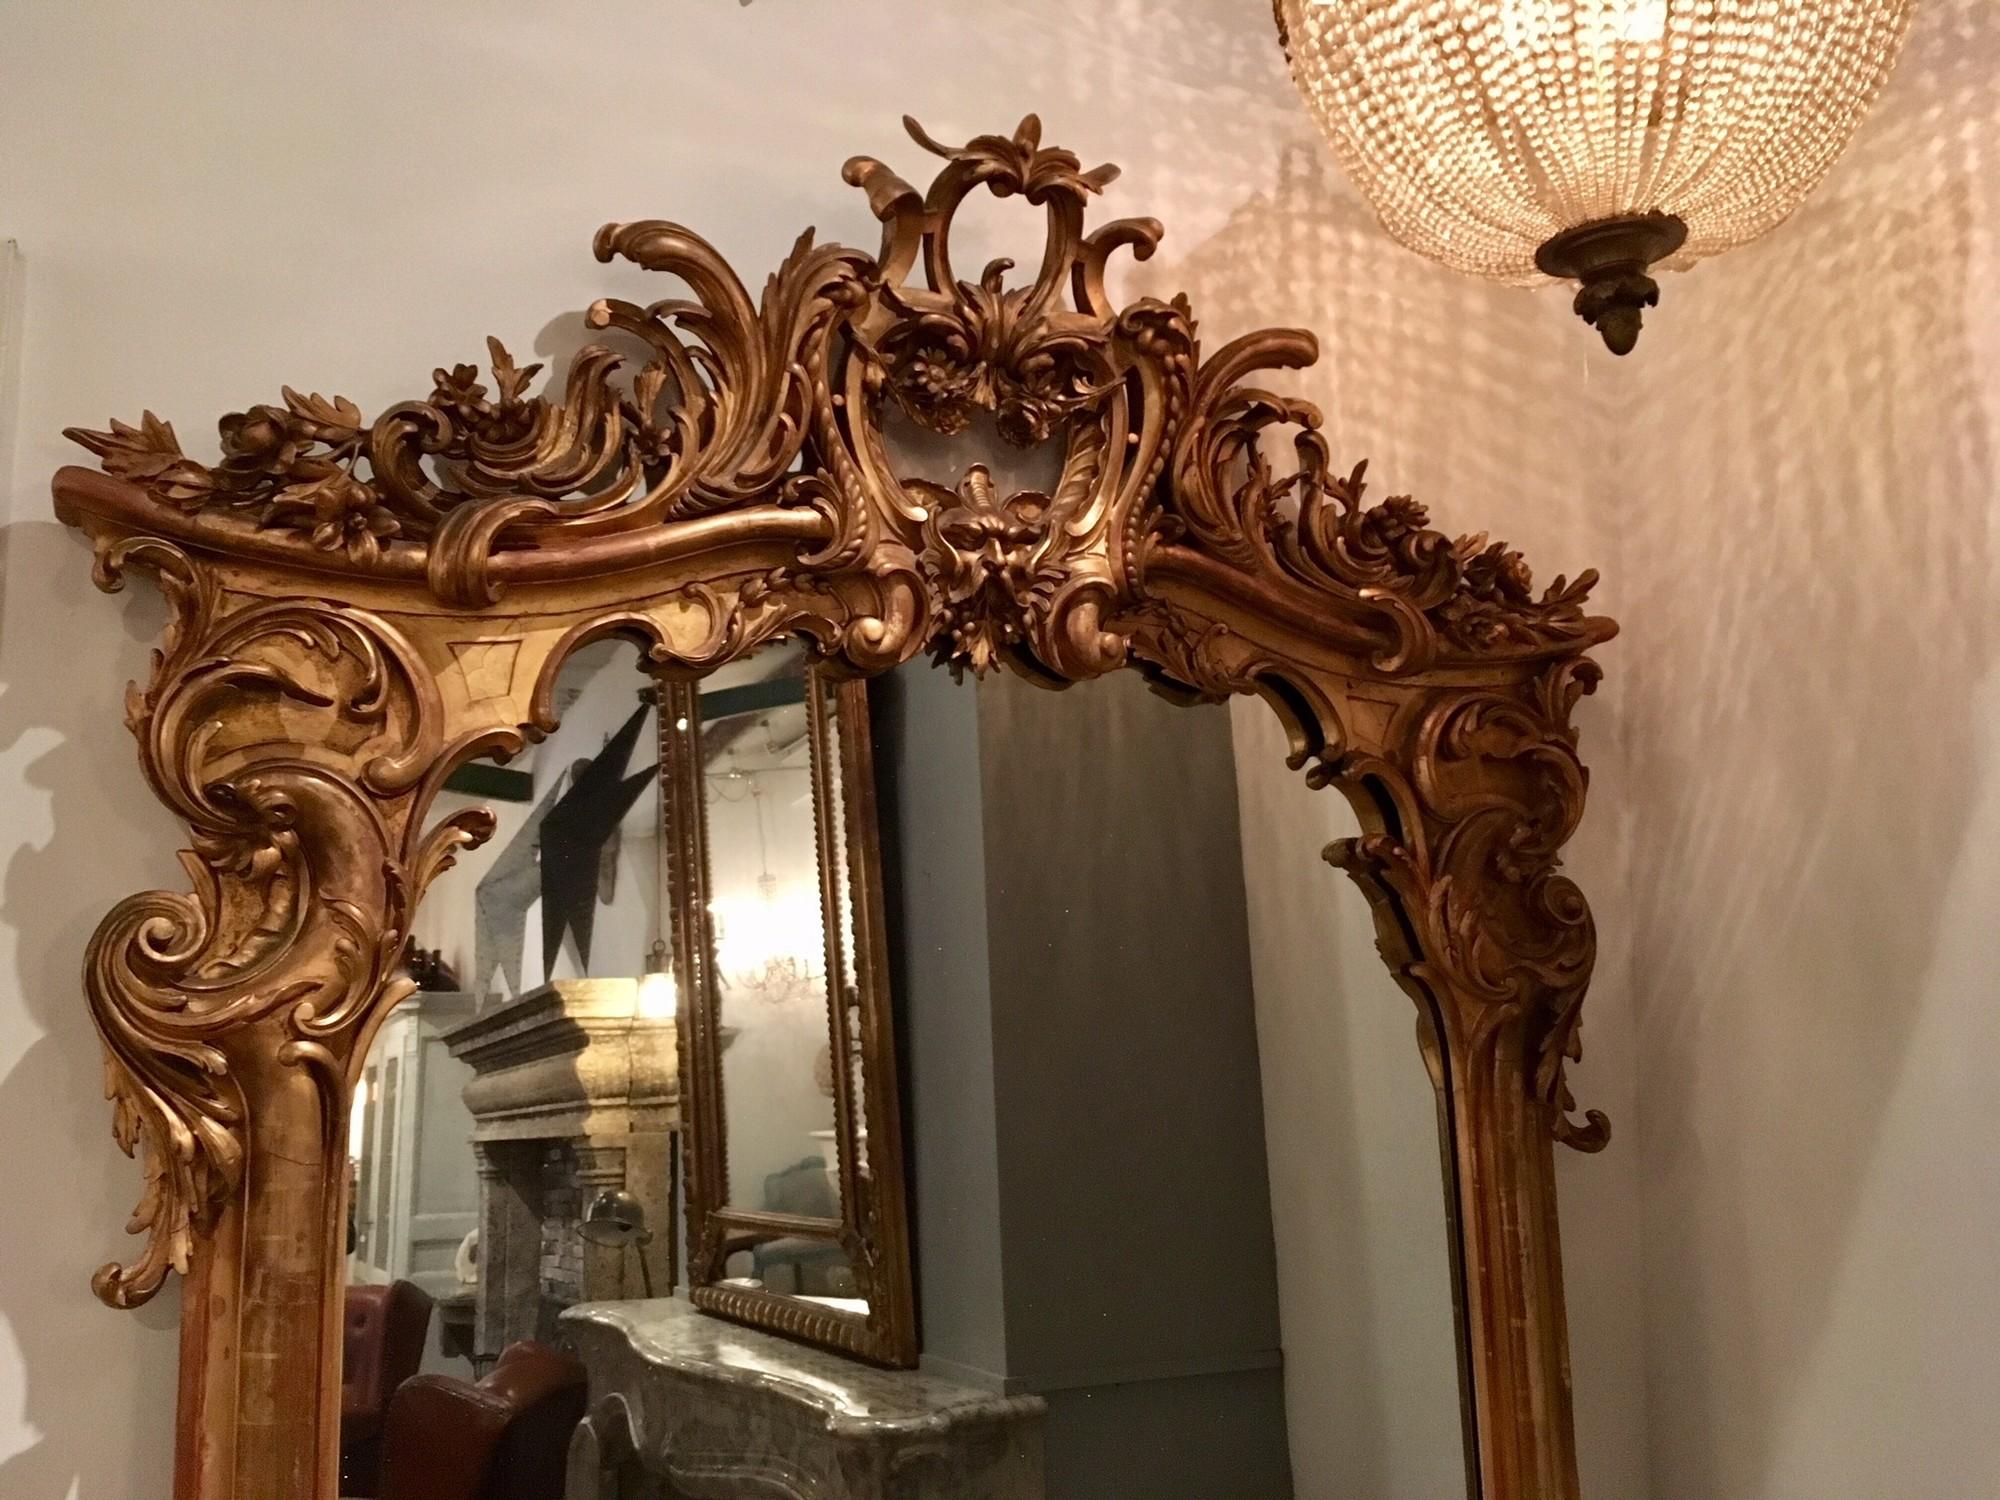 Grote antieke decoratieve spiegel